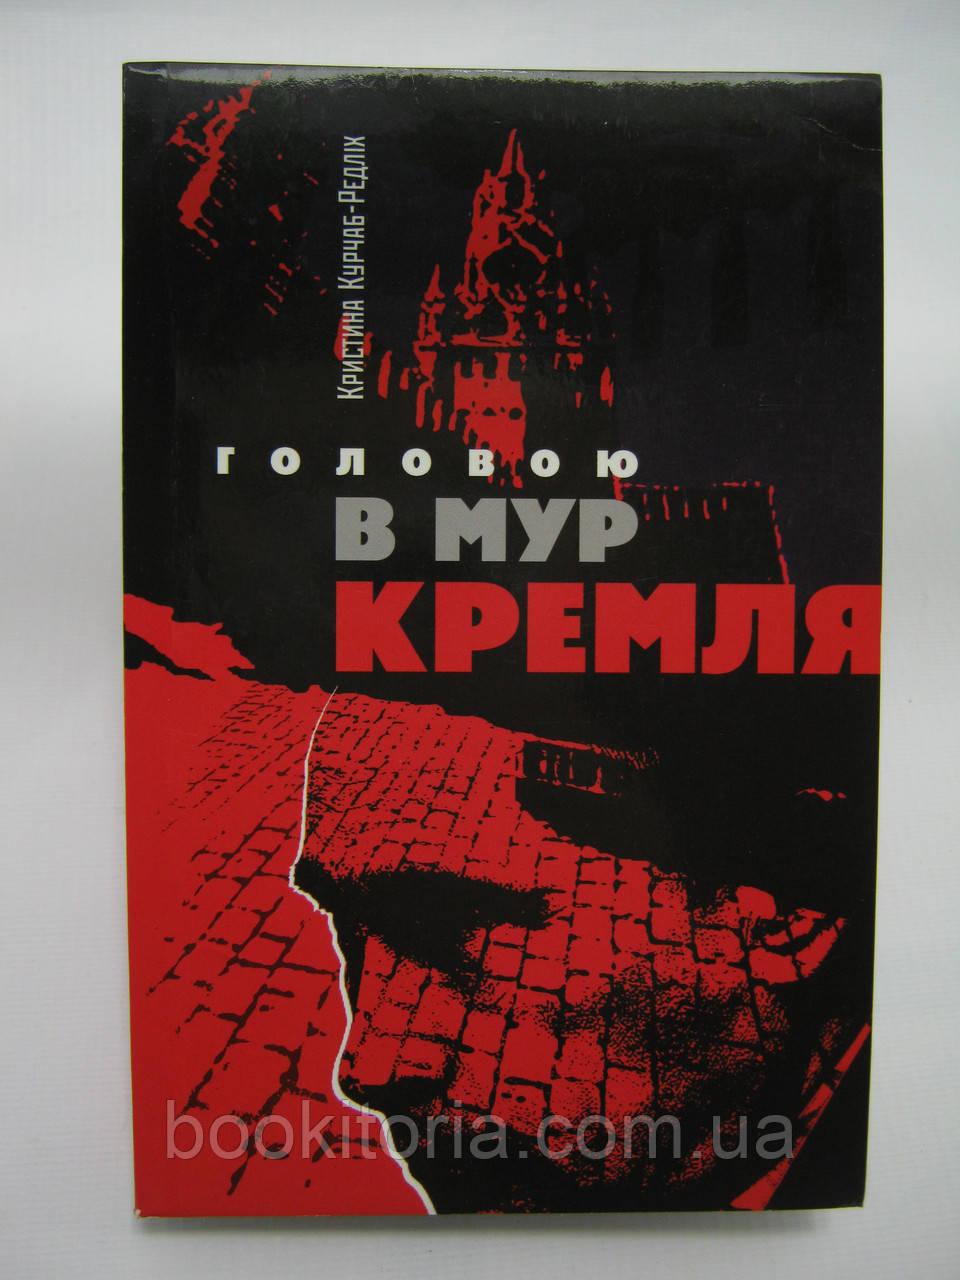 Курчаб-Редліх К. Головою в мур Кремля (б/у).